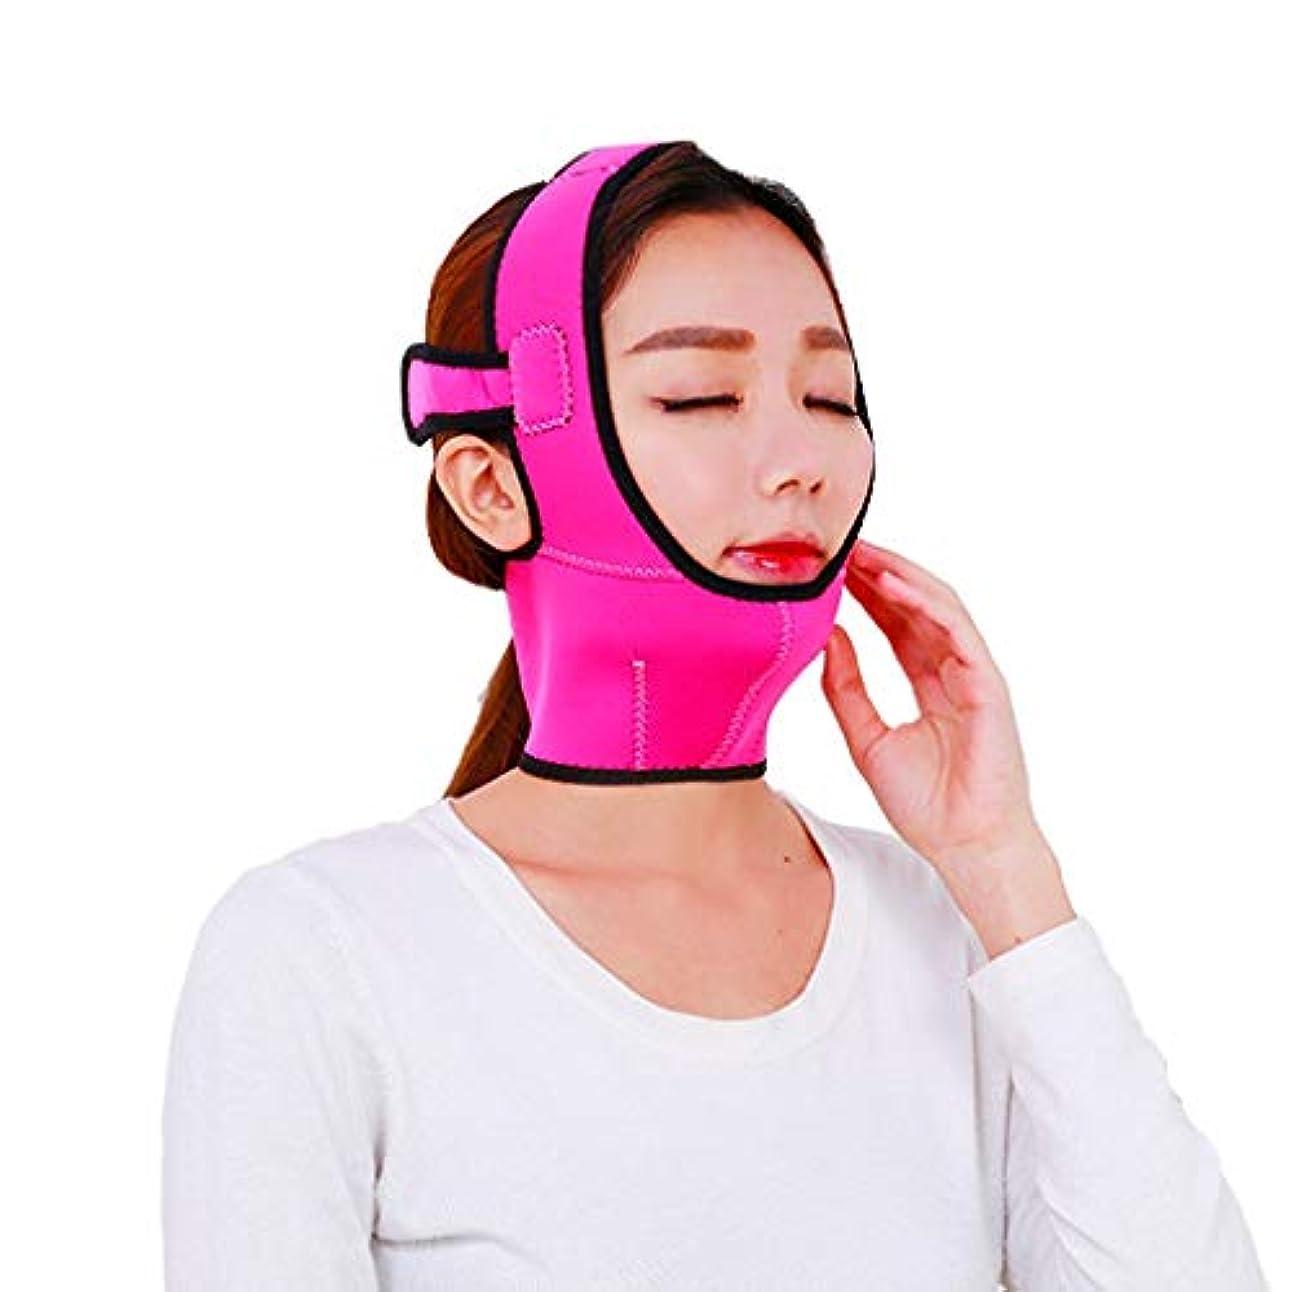 キャベツ郵便局自動化Jia He 軽量 マスクフェイスリフティング二重あごネックV-顔アーティファクトアンチリンクル通気性睡眠包帯を持ち上げる薄い顔ベルト、フェイス ## (Color : Rose red)